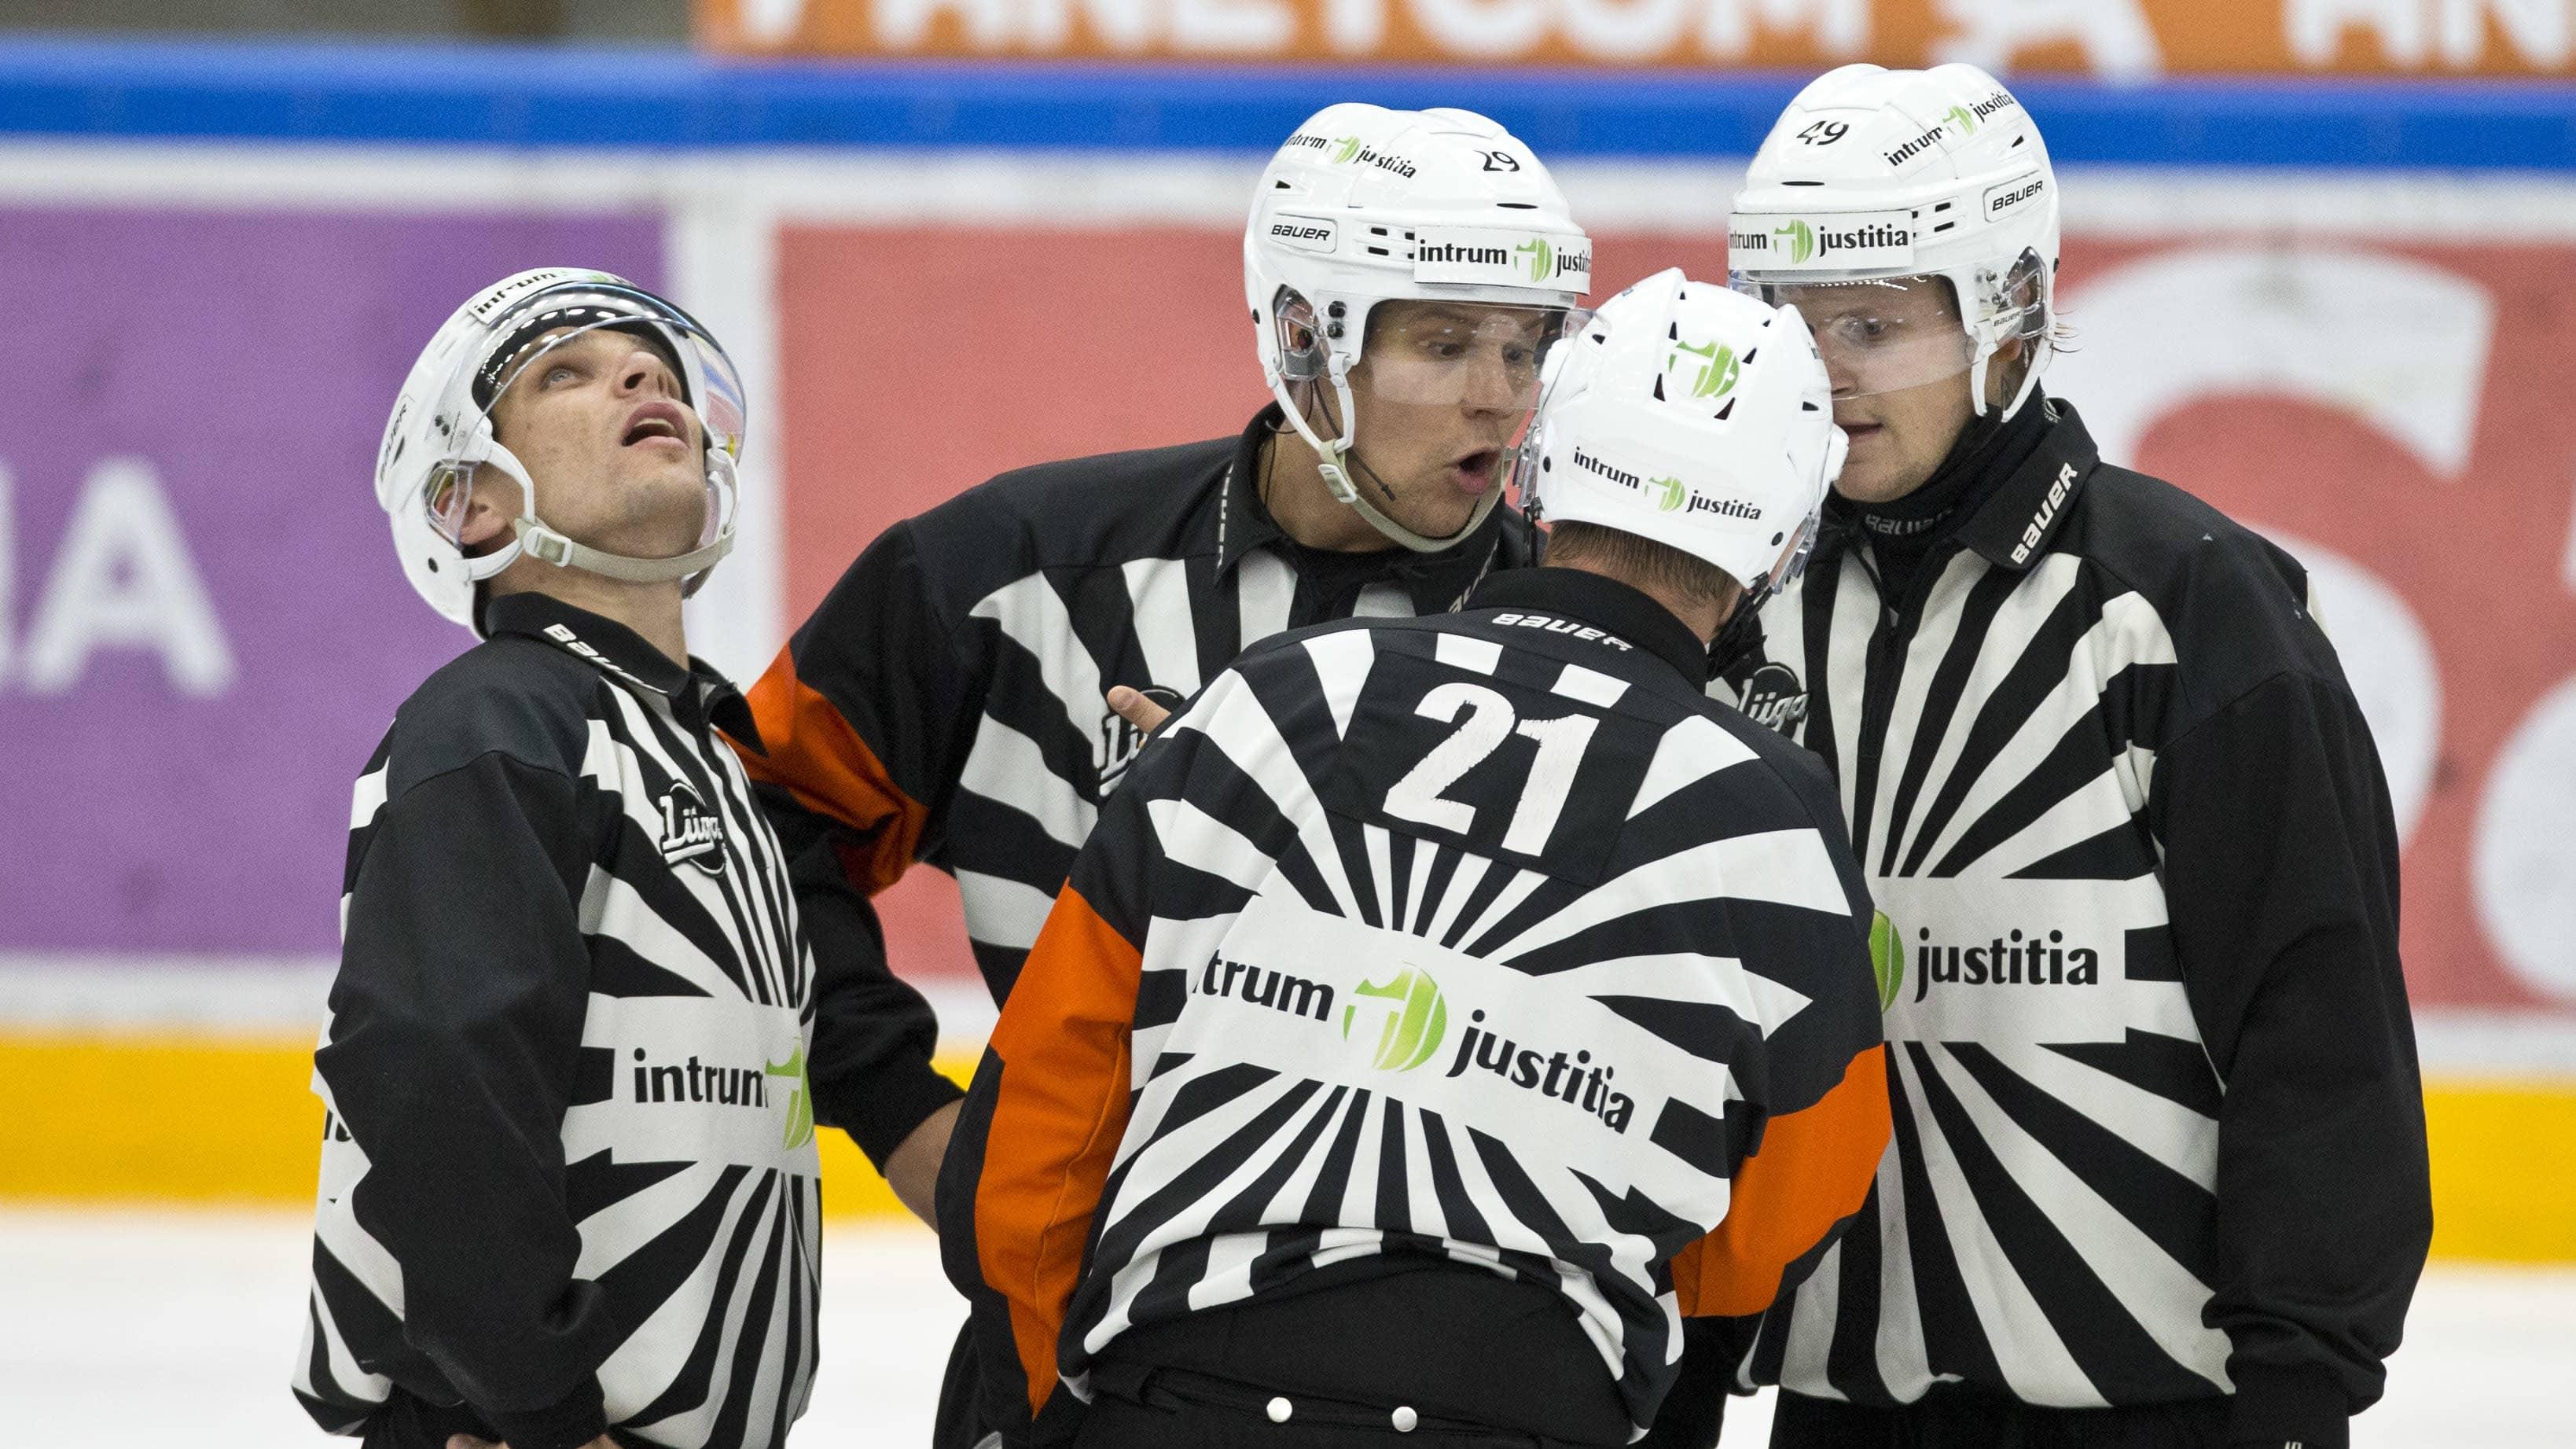 Stefan Fonselius (Päätuomari) #29 Lassi Heikkinen (Päätuomari) #49 Lauri Nikulainen (Linjatuomari) #32 Daniel Österholm (Linjatuomari)  27.09.2017